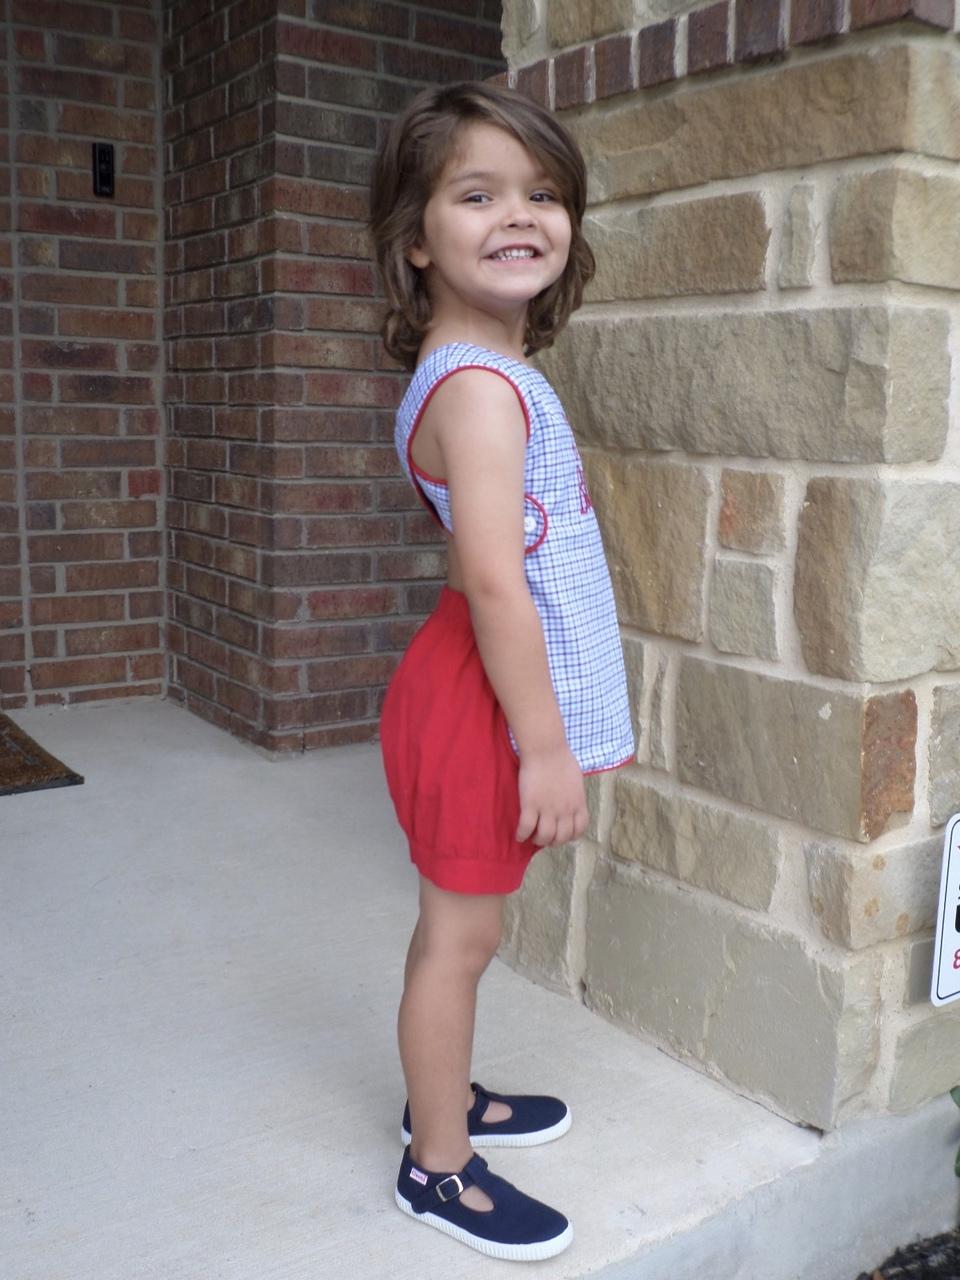 Jordan's Smock Sizes 0/6m to 6-8 Kids PDF Pattern